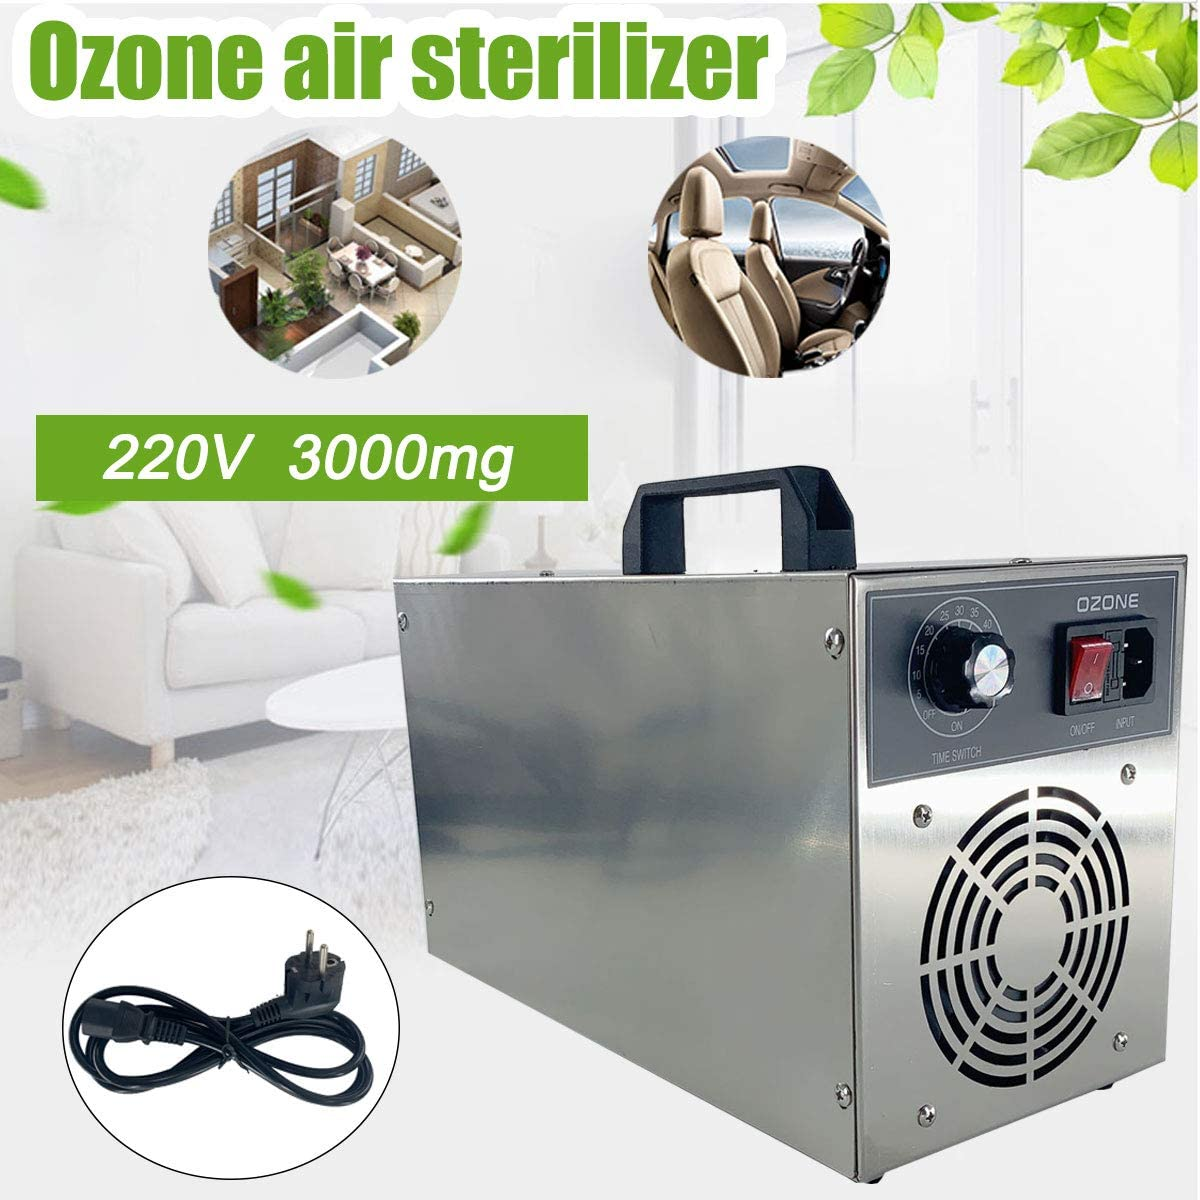 SNOWINSPRING 21G H Generador de Ozono de Cer/áMica Port/áTil 220V Tres Placas de Cer/áMica de Larga Duraci/óN Integradas Ozonizador Aire Agua Purificador de Aire